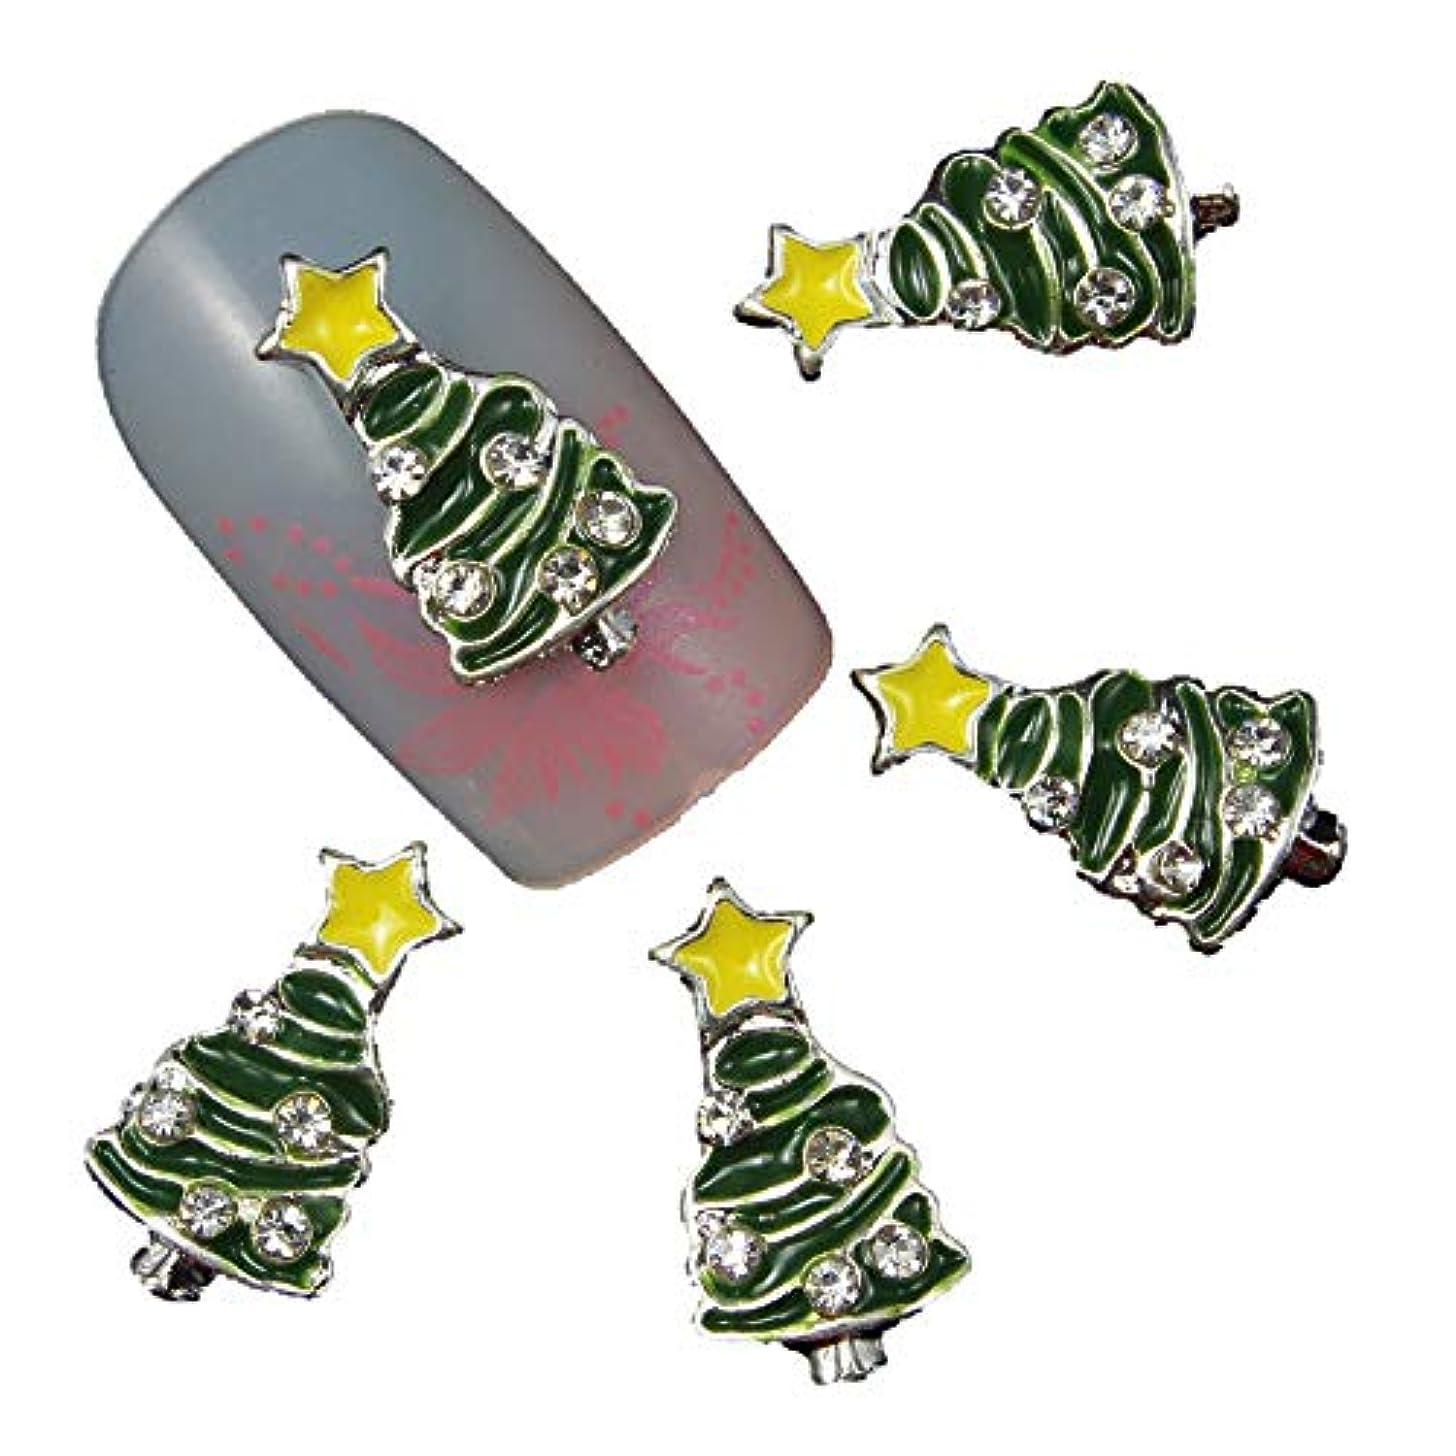 アコー逃げる法王10個/ロット3Dクリスマスツリーのネイルアートマジックカラーデザインのスタッドは、美容ネイルチャームラインストーン用品